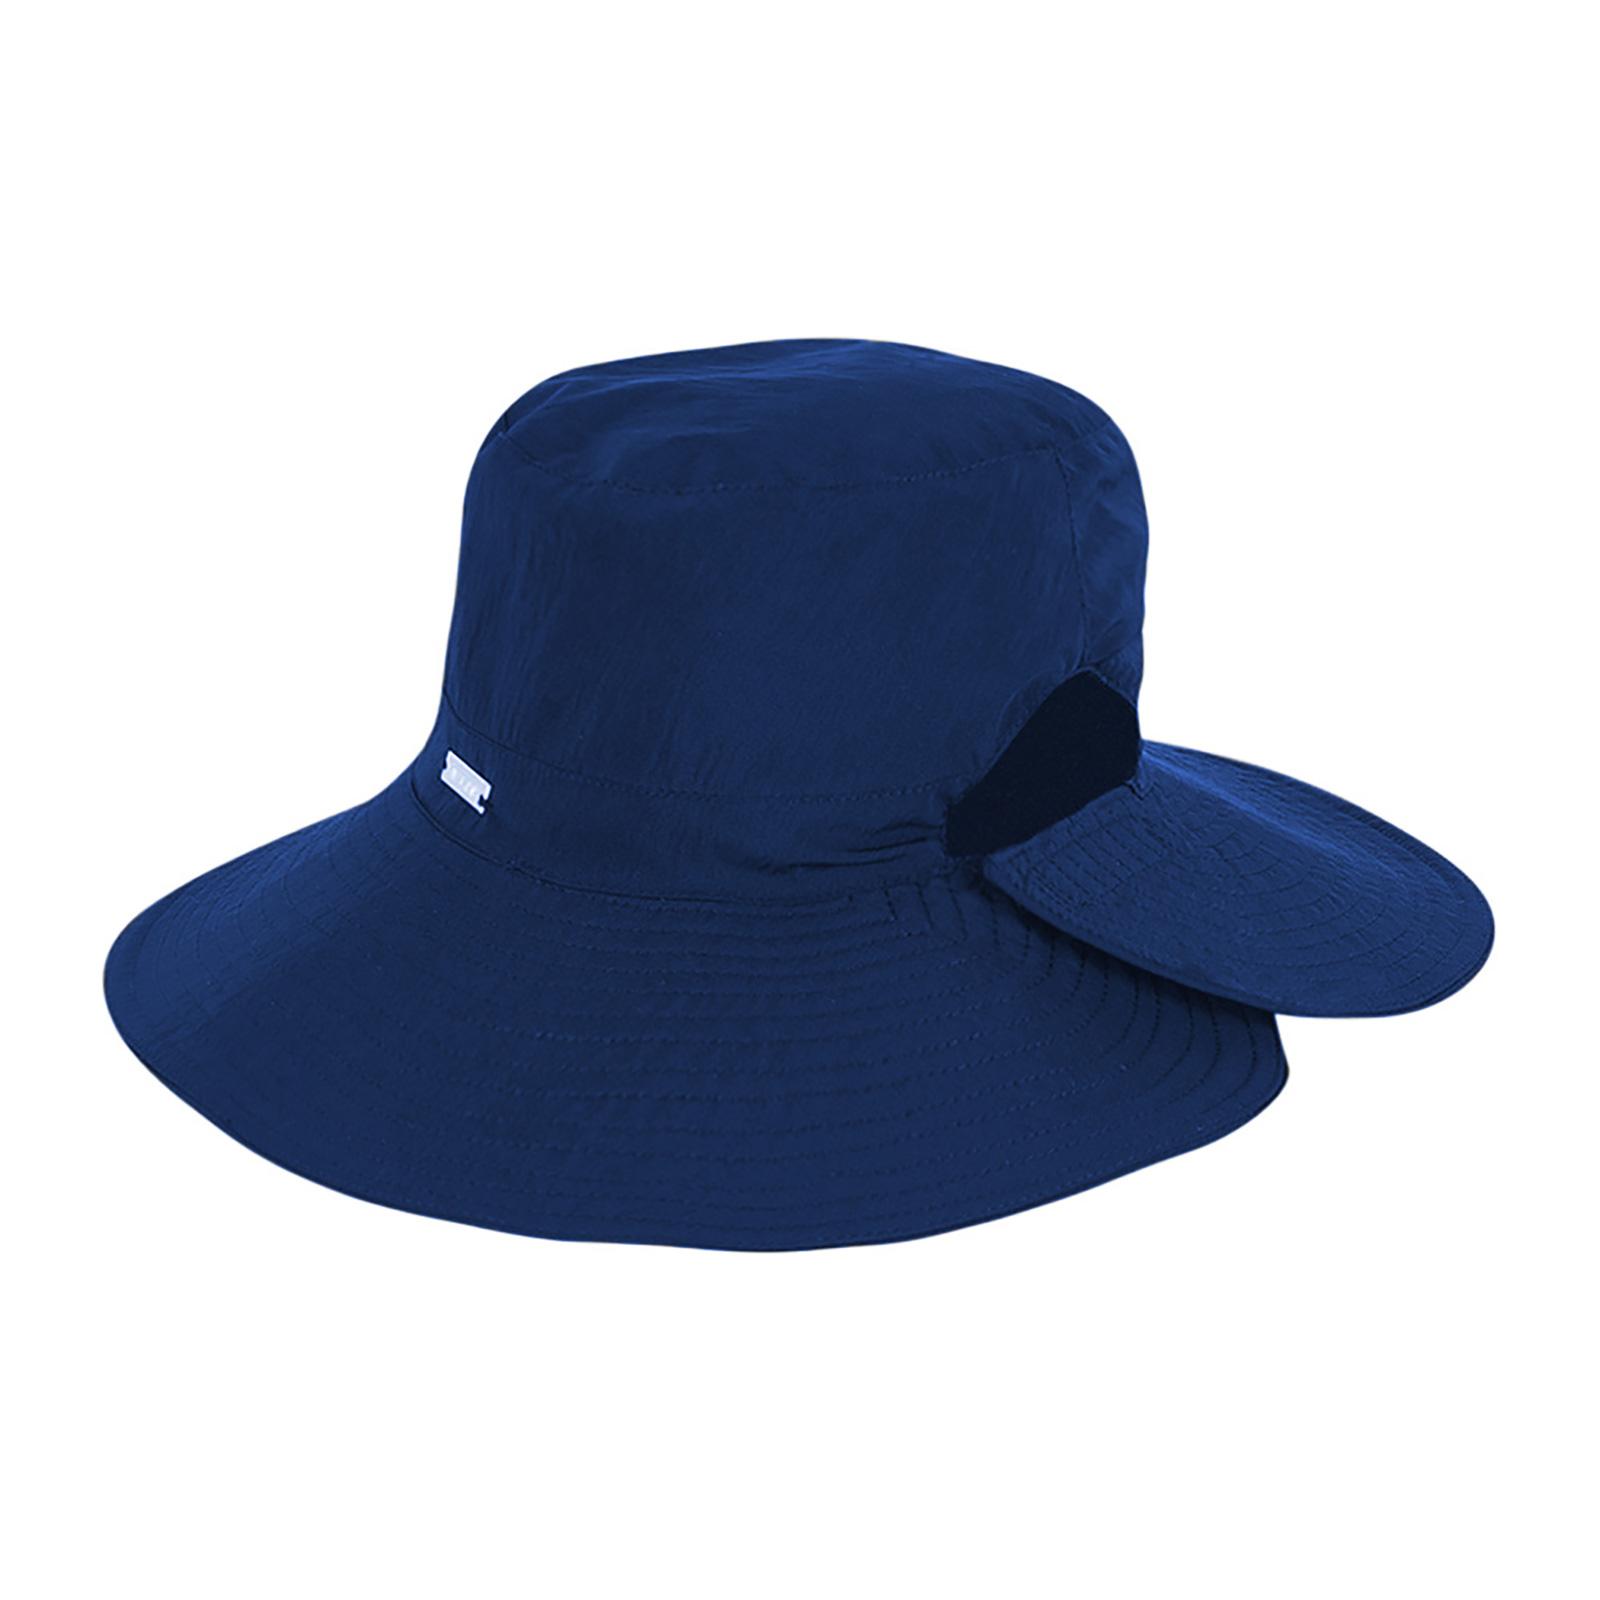 Hat Dark Blue Hat Velcro Fastening - San Diego Indigo - Brand UV Line 064c41bc1d0